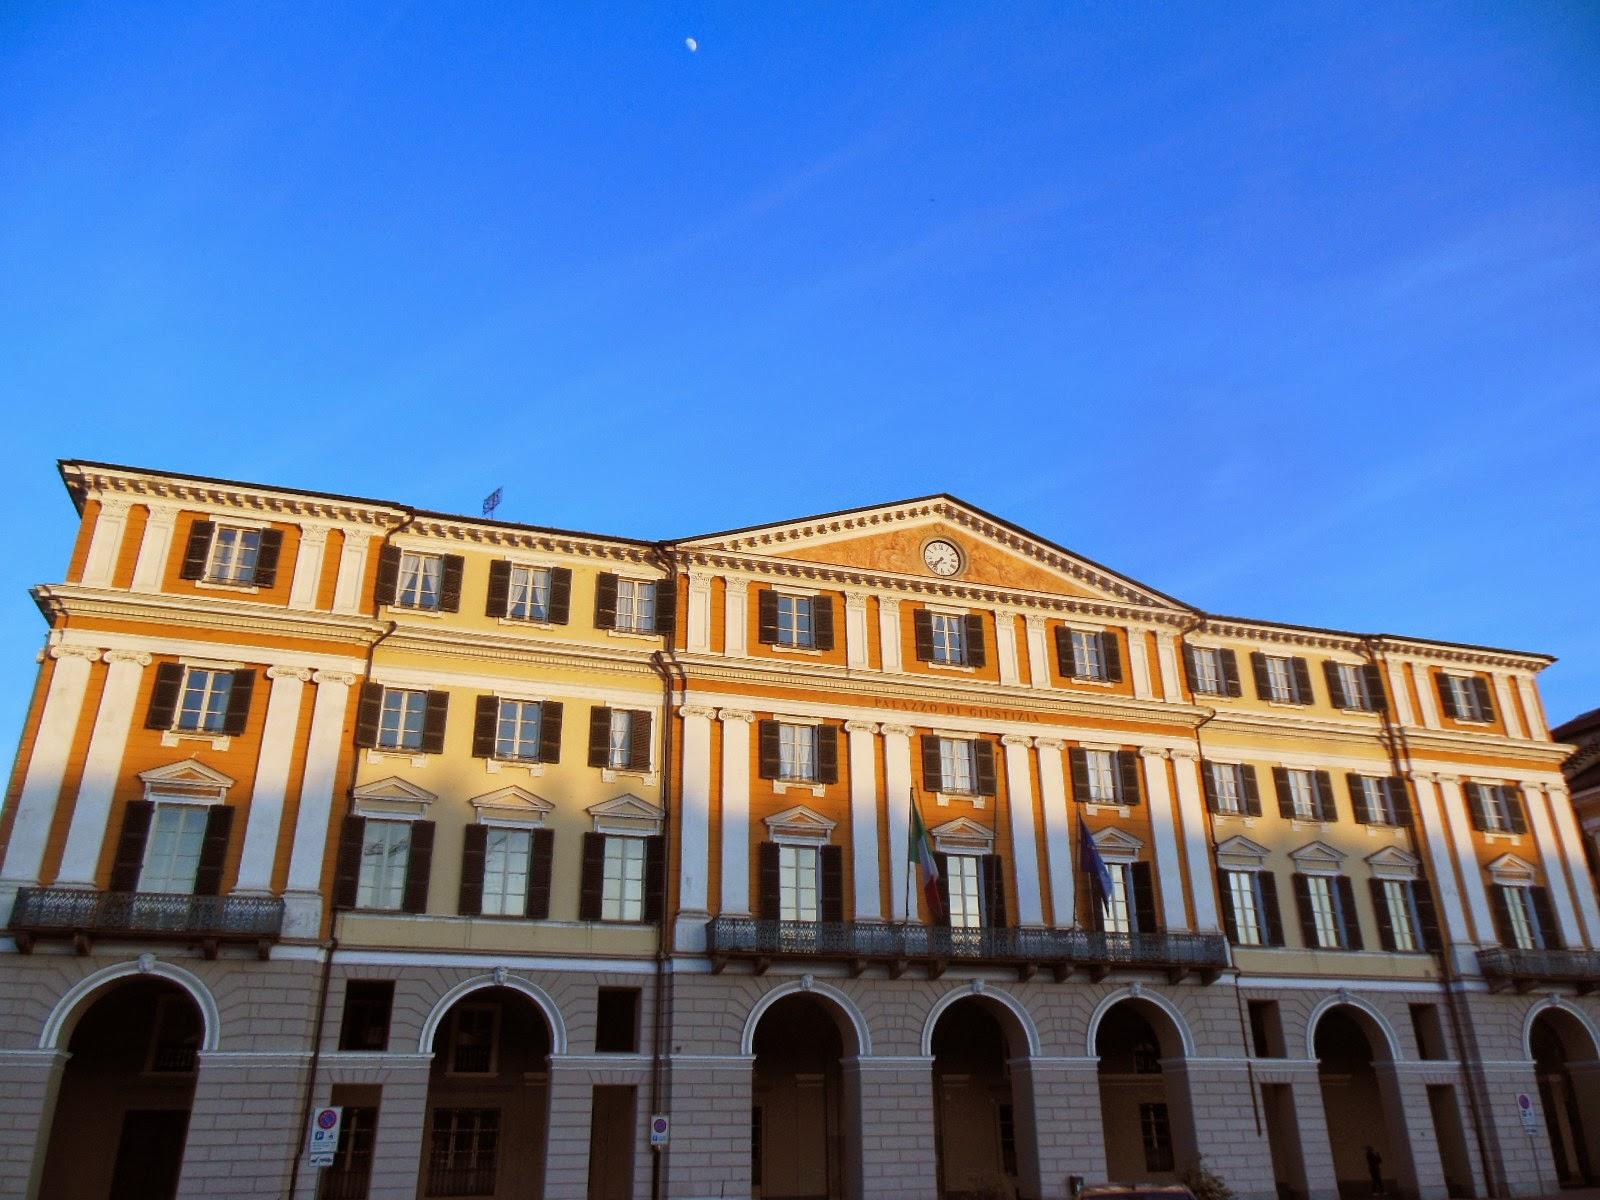 L'edificio del tribunale di Cuneo, in piazza Galimberti.